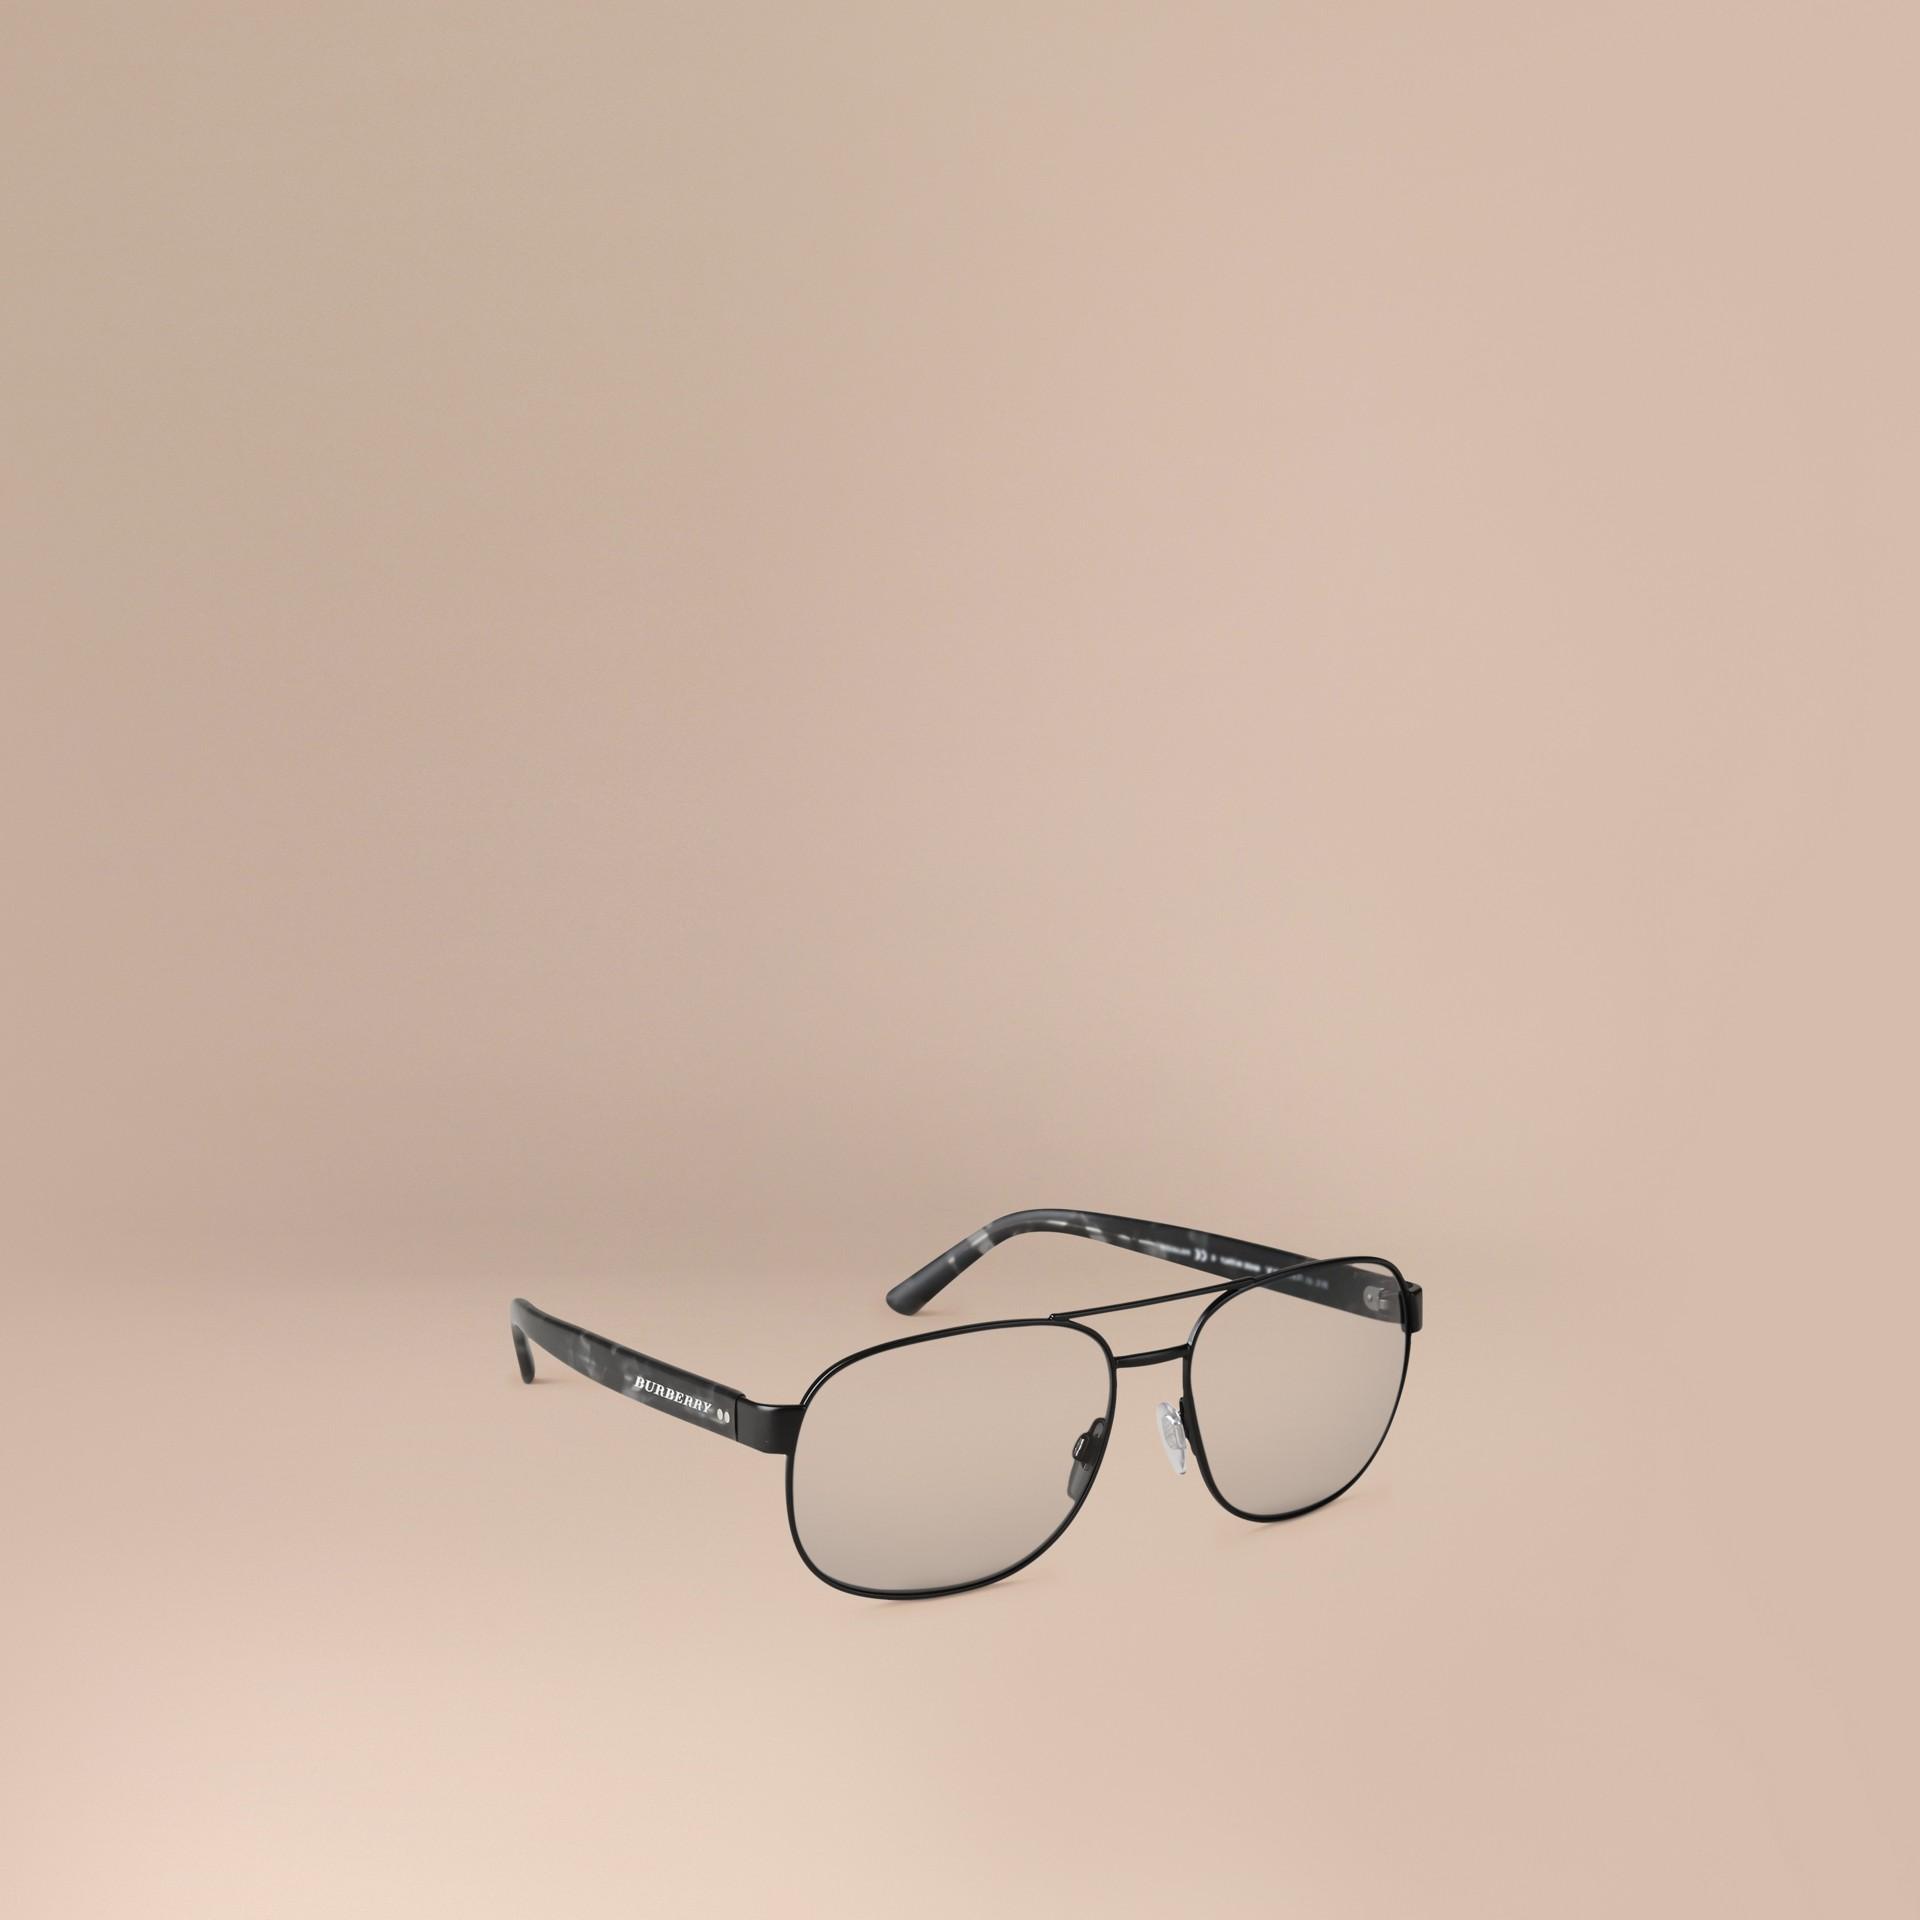 Negro mate Gafas de sol polarizadas de estilo aviador con montura cuadrada Negro Mate - imagen de la galería 1